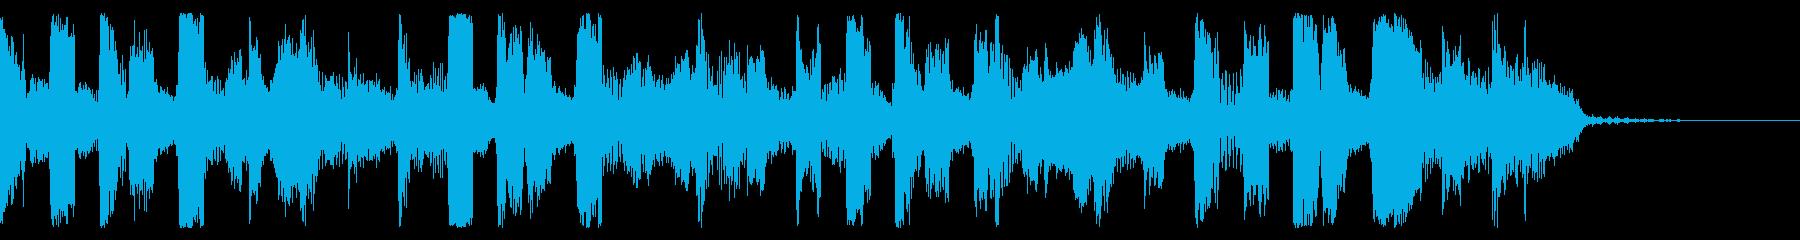 コミカルで明るい 軽快なジングルの再生済みの波形